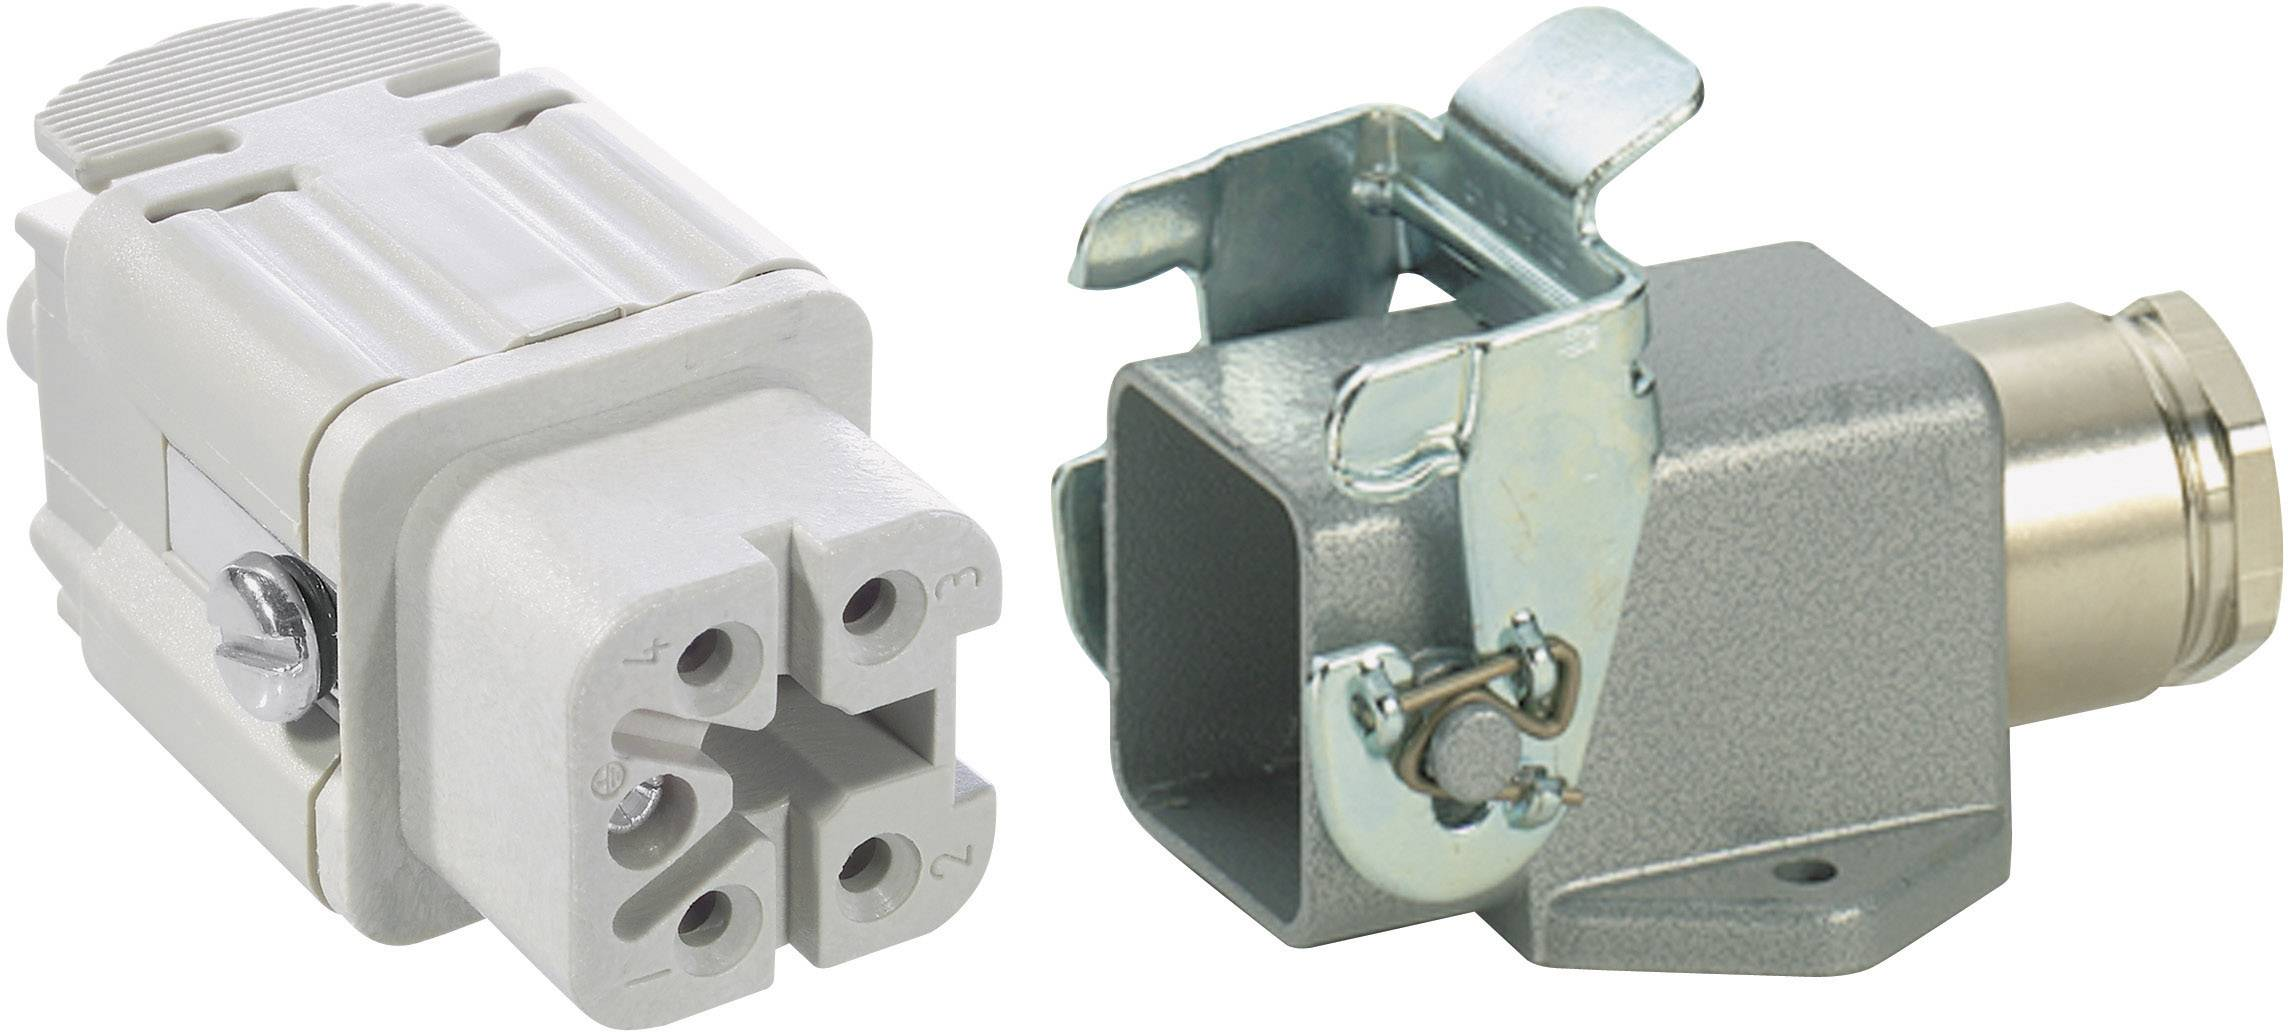 Sada konektorů EPIC®KIT H-A 4 75009622 LappKabel 4 + PE šroubovací 1 sada